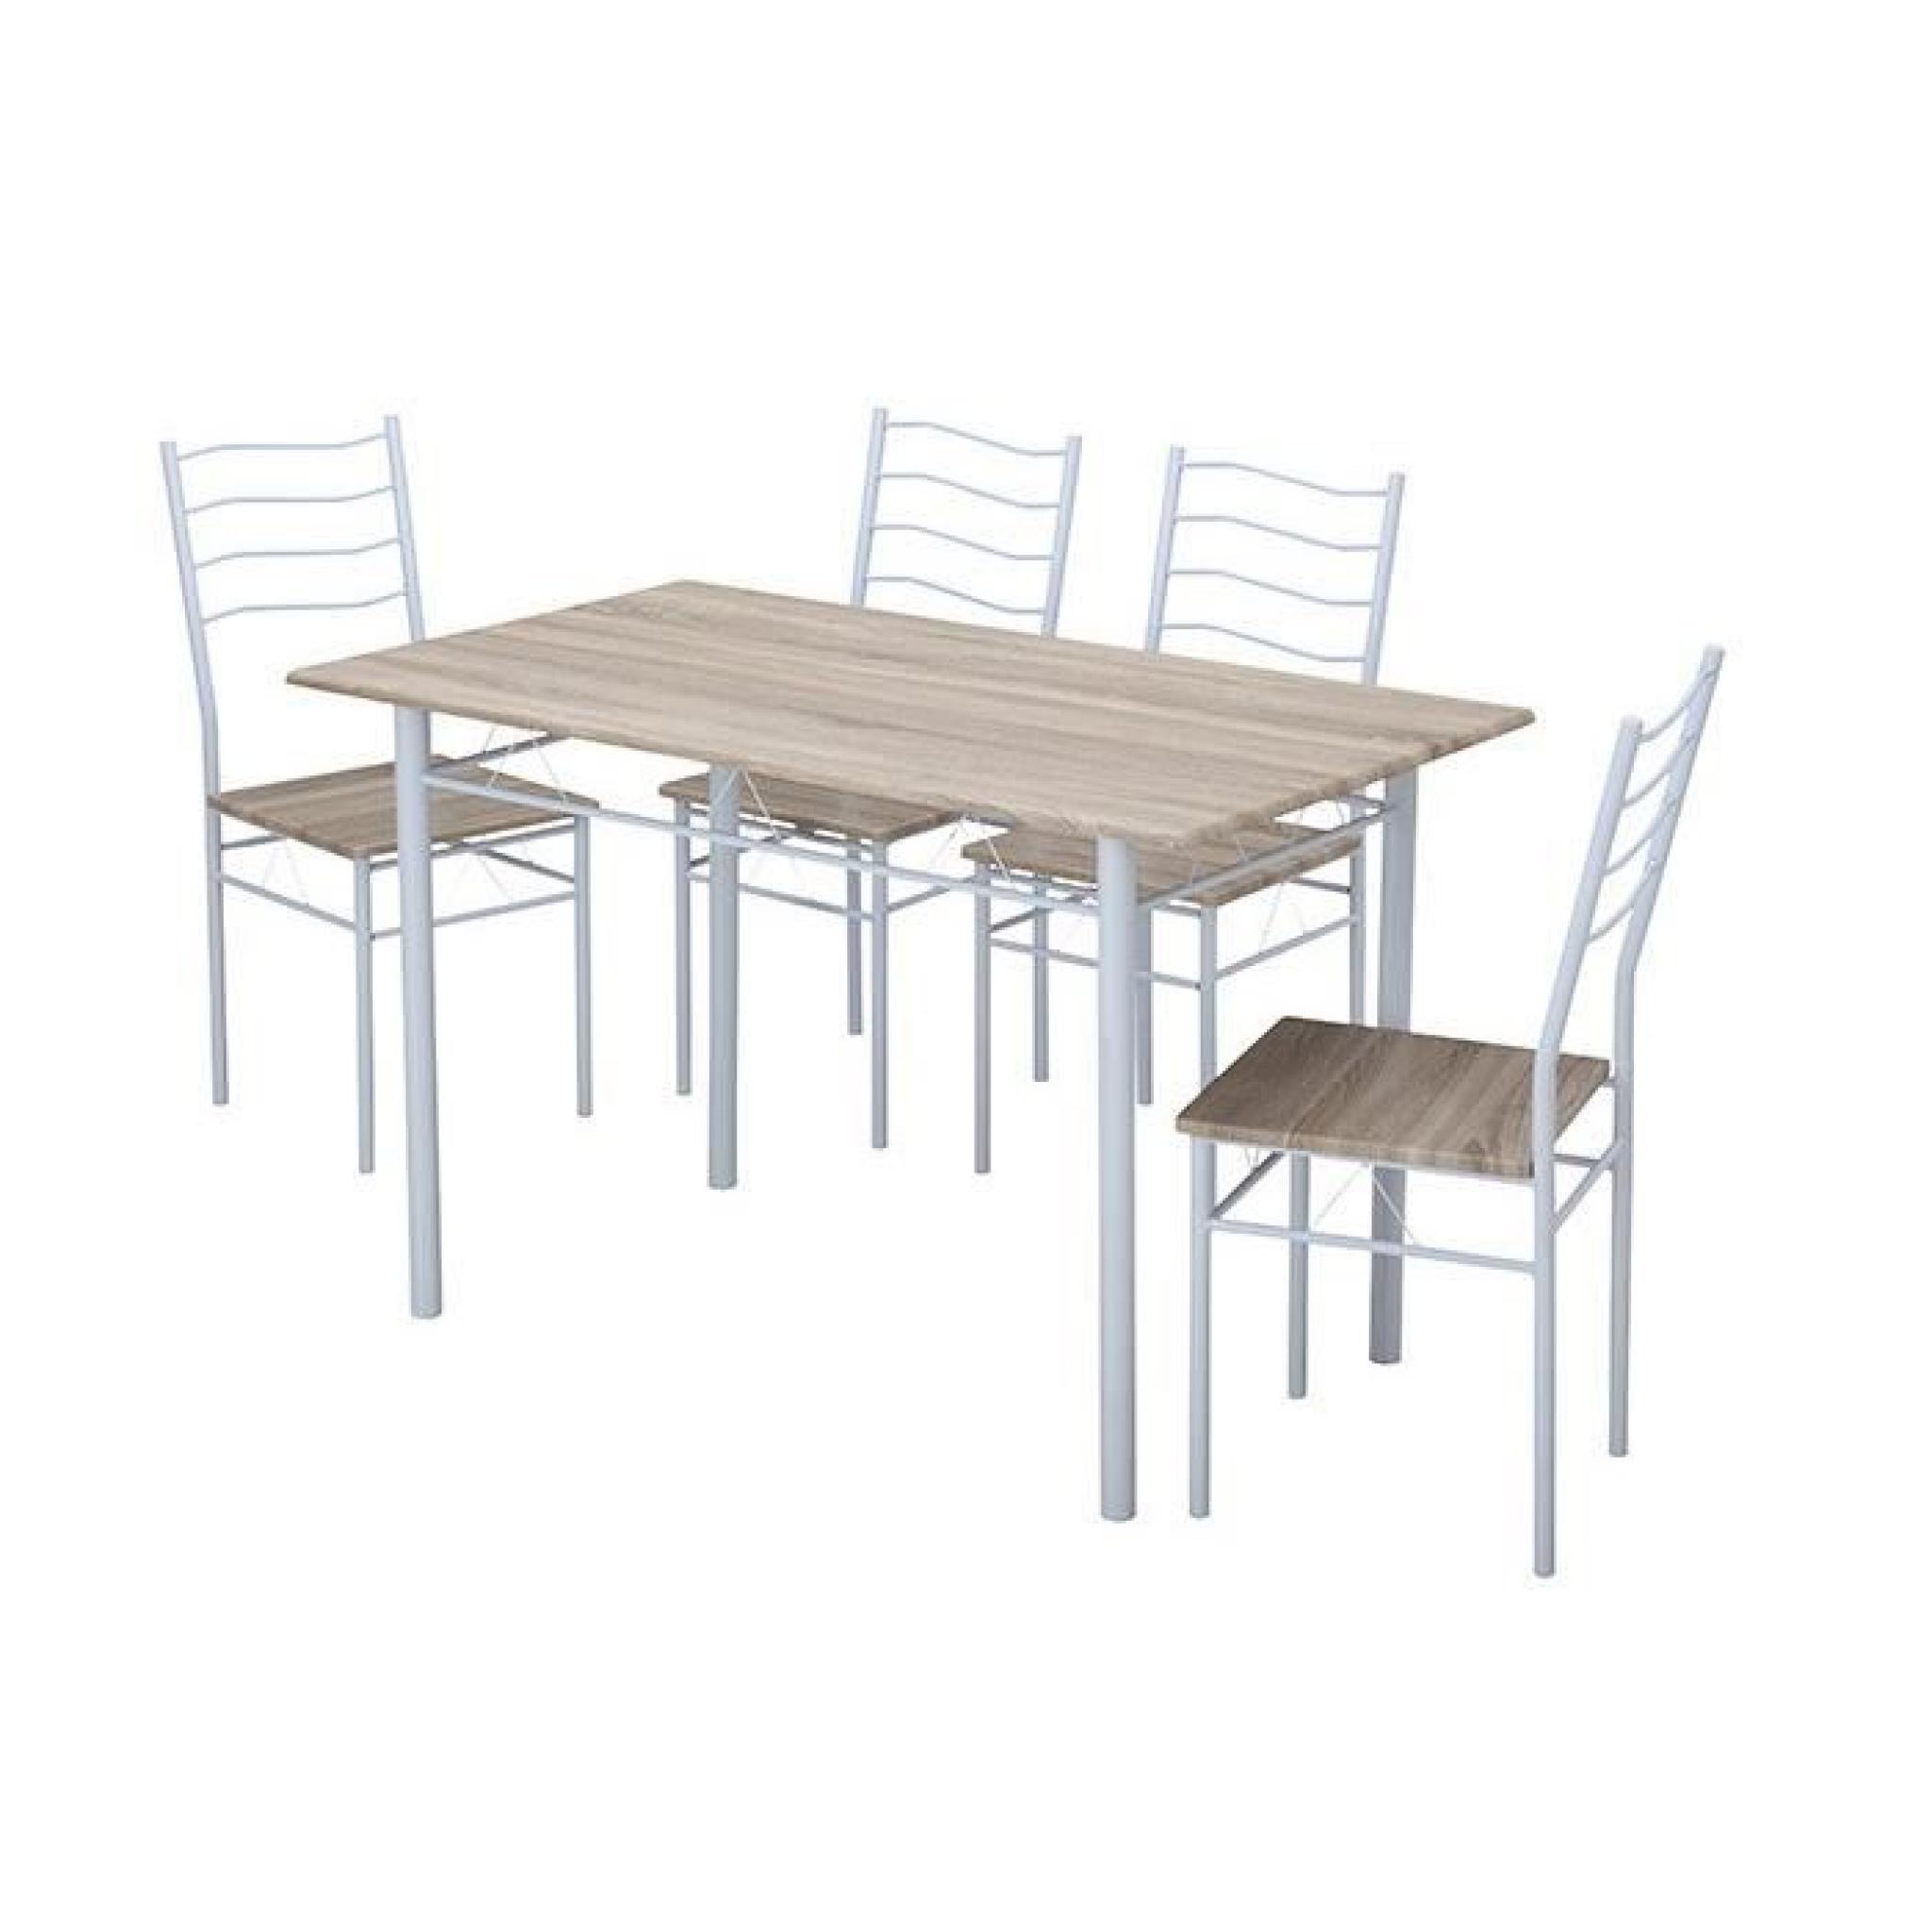 Nina Ensemble Table à Manger 120x70 Cm 4 Chaises Coloris Noir